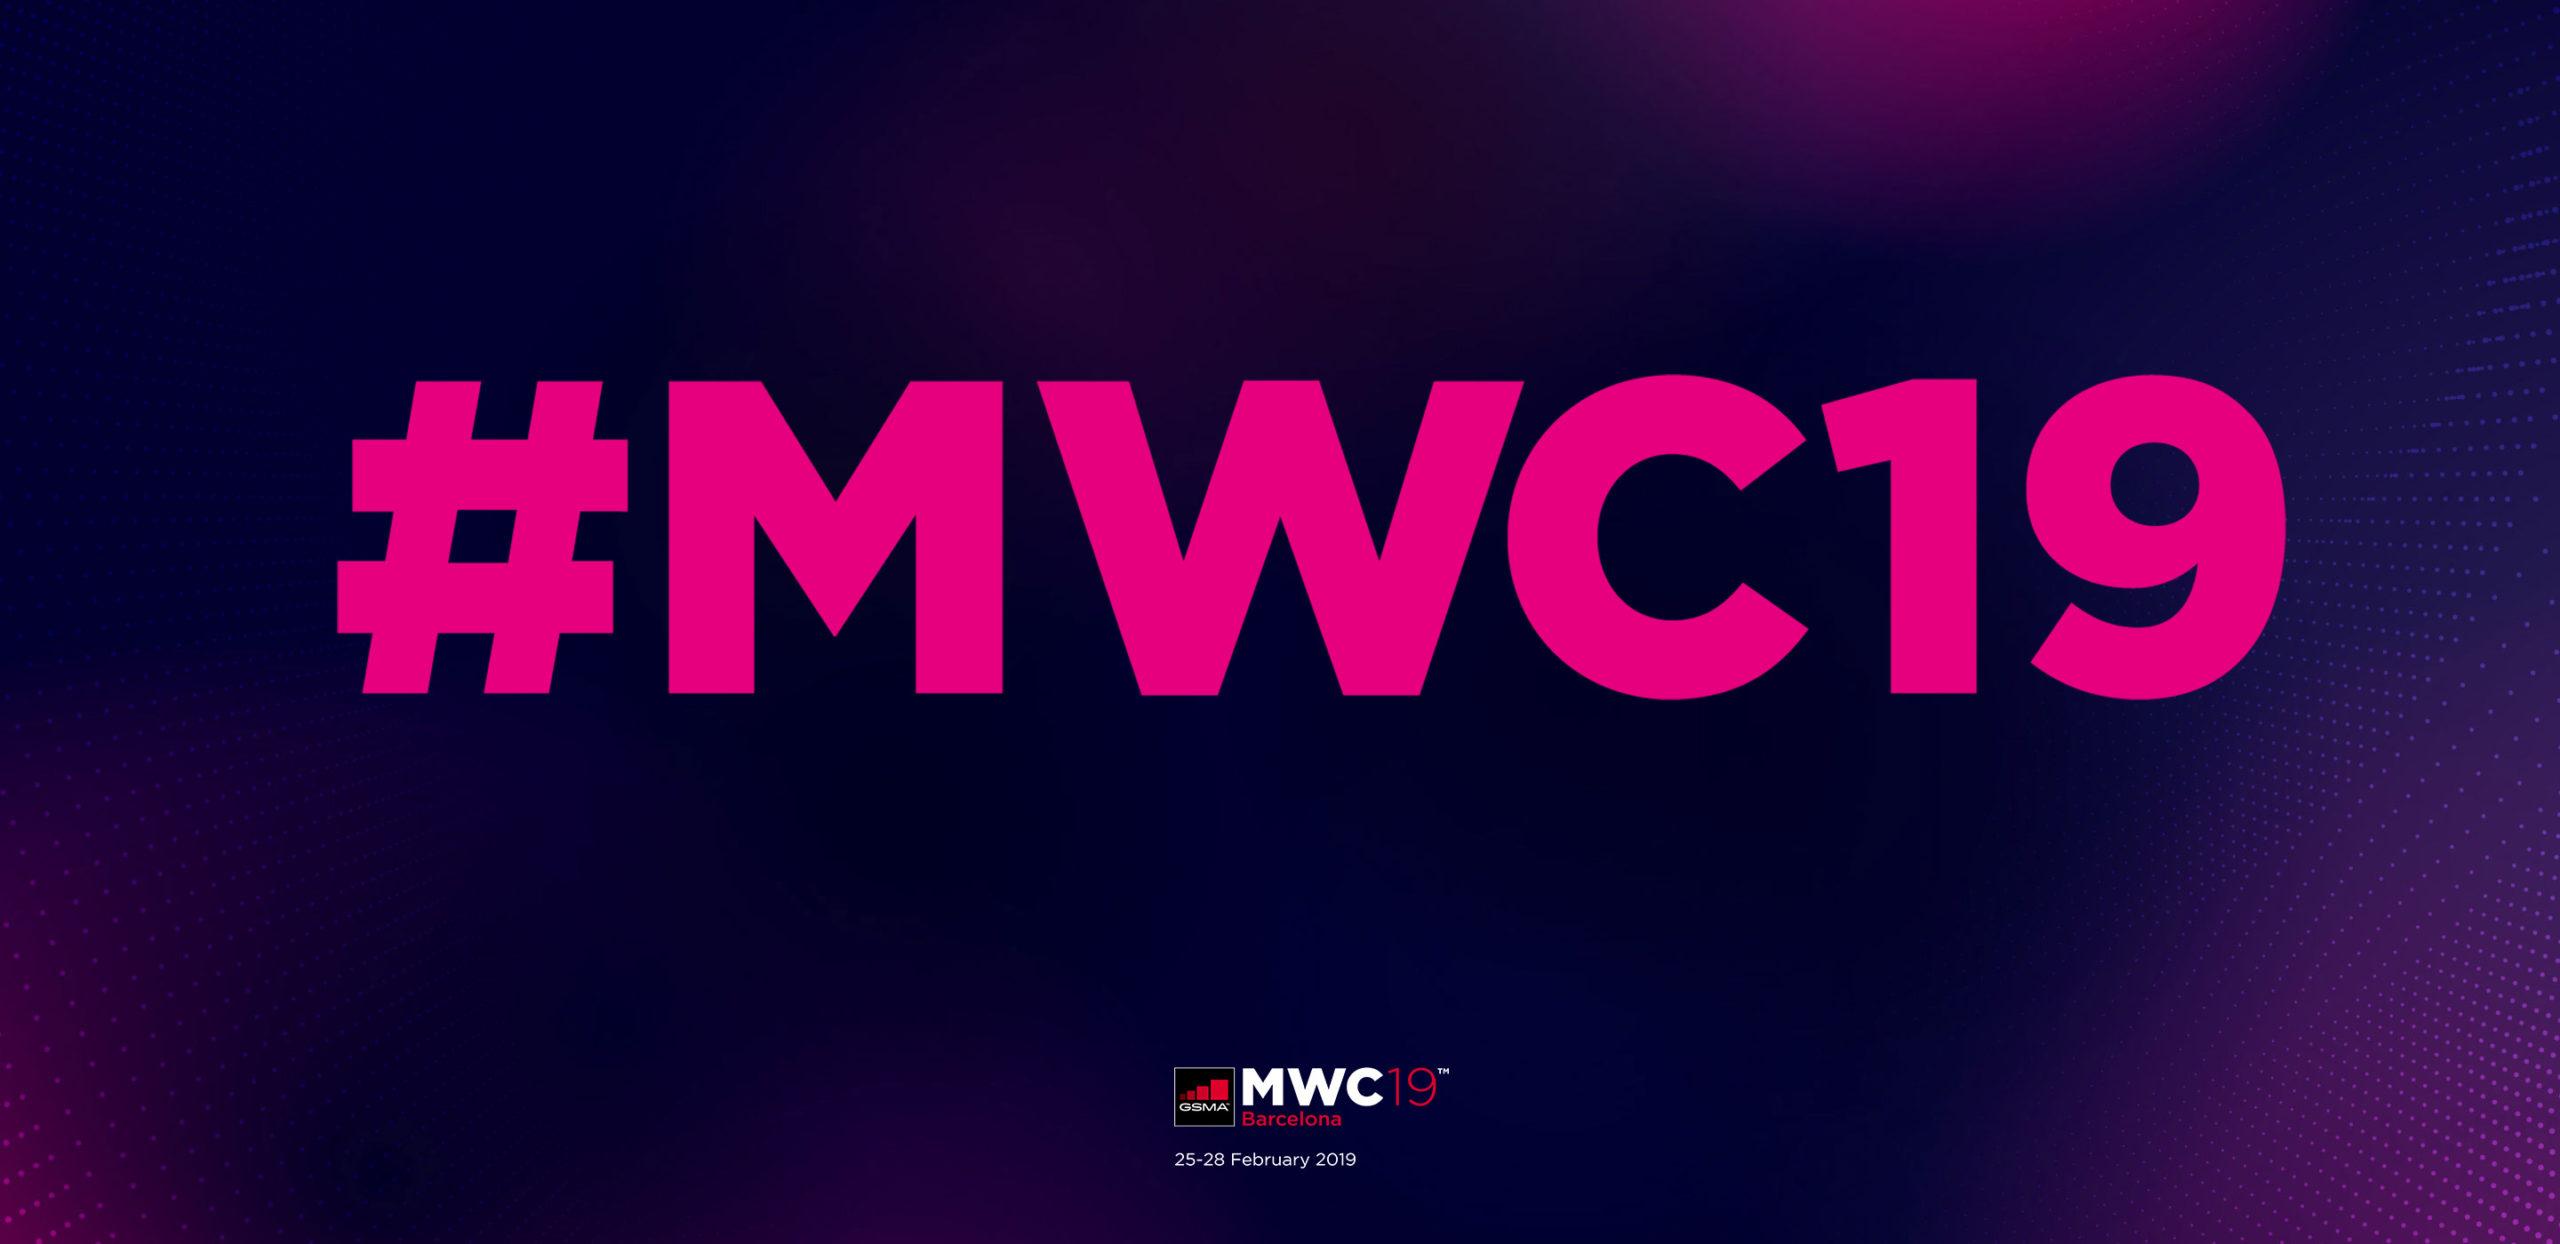 Le concept d'innovation réinventé lors du dernier salon du MWC